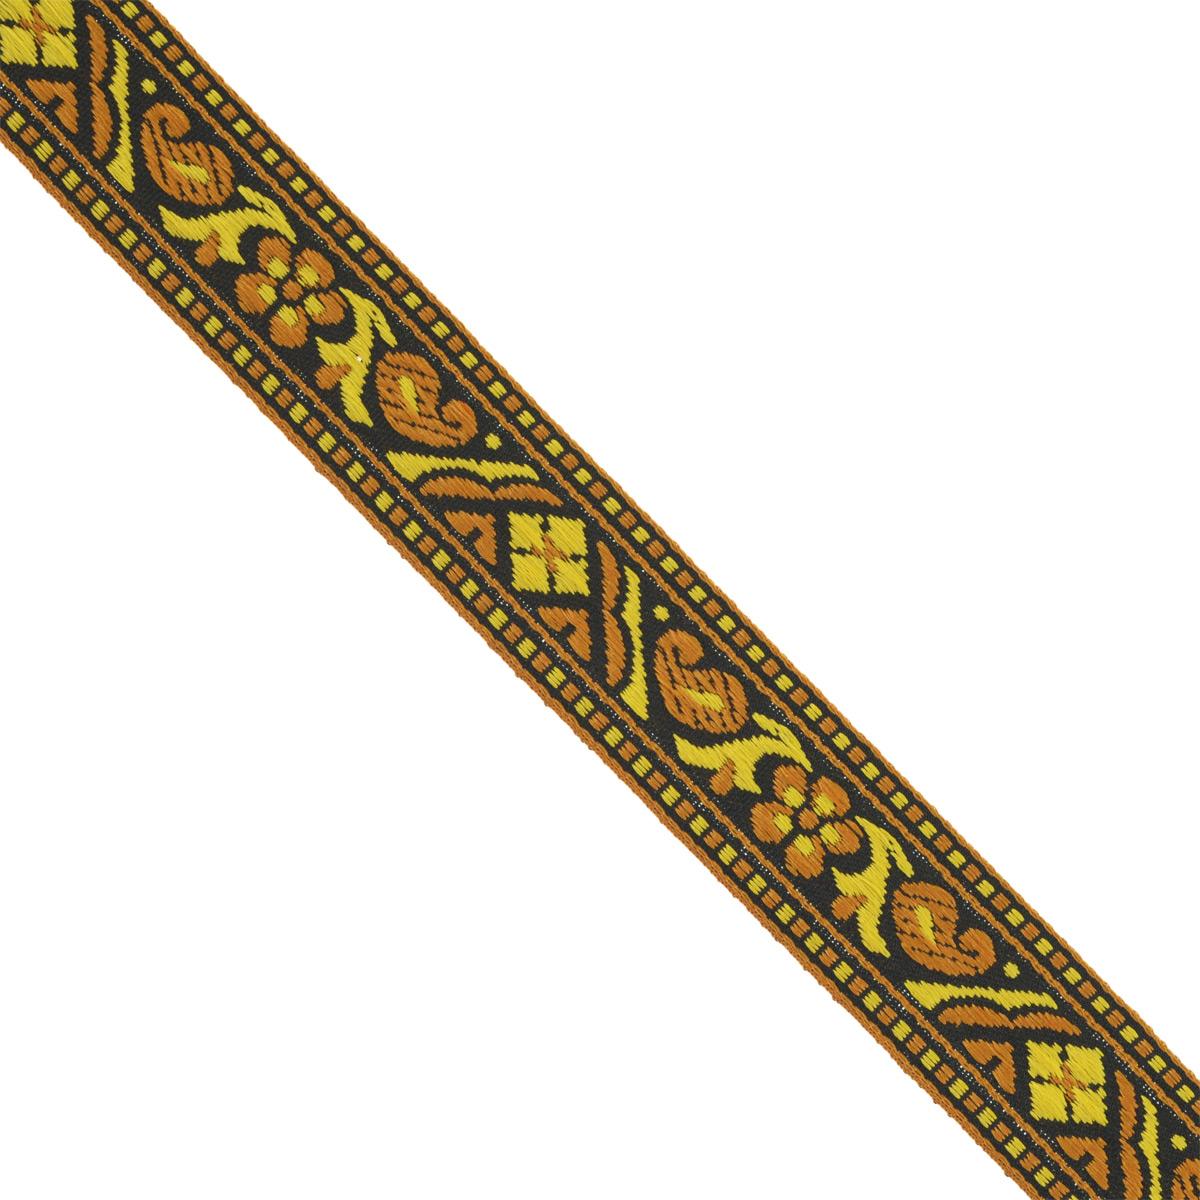 Тесьма декоративная Астра, цвет: коричневый (1), ширина 2 см, длина 16,4 м. 77032797703279_1Декоративная тесьма Астра выполнена из текстиля и оформлена оригинальным орнаментом. Такая тесьма идеально подойдет для оформления различных творческих работ таких, как скрапбукинг, аппликация, декор коробок и открыток и многое другое. Тесьма наивысшего качества и практична в использовании. Она станет незаменимым элементом в создании рукотворного шедевра. Ширина: 2 см.Длина: 16,4 м.